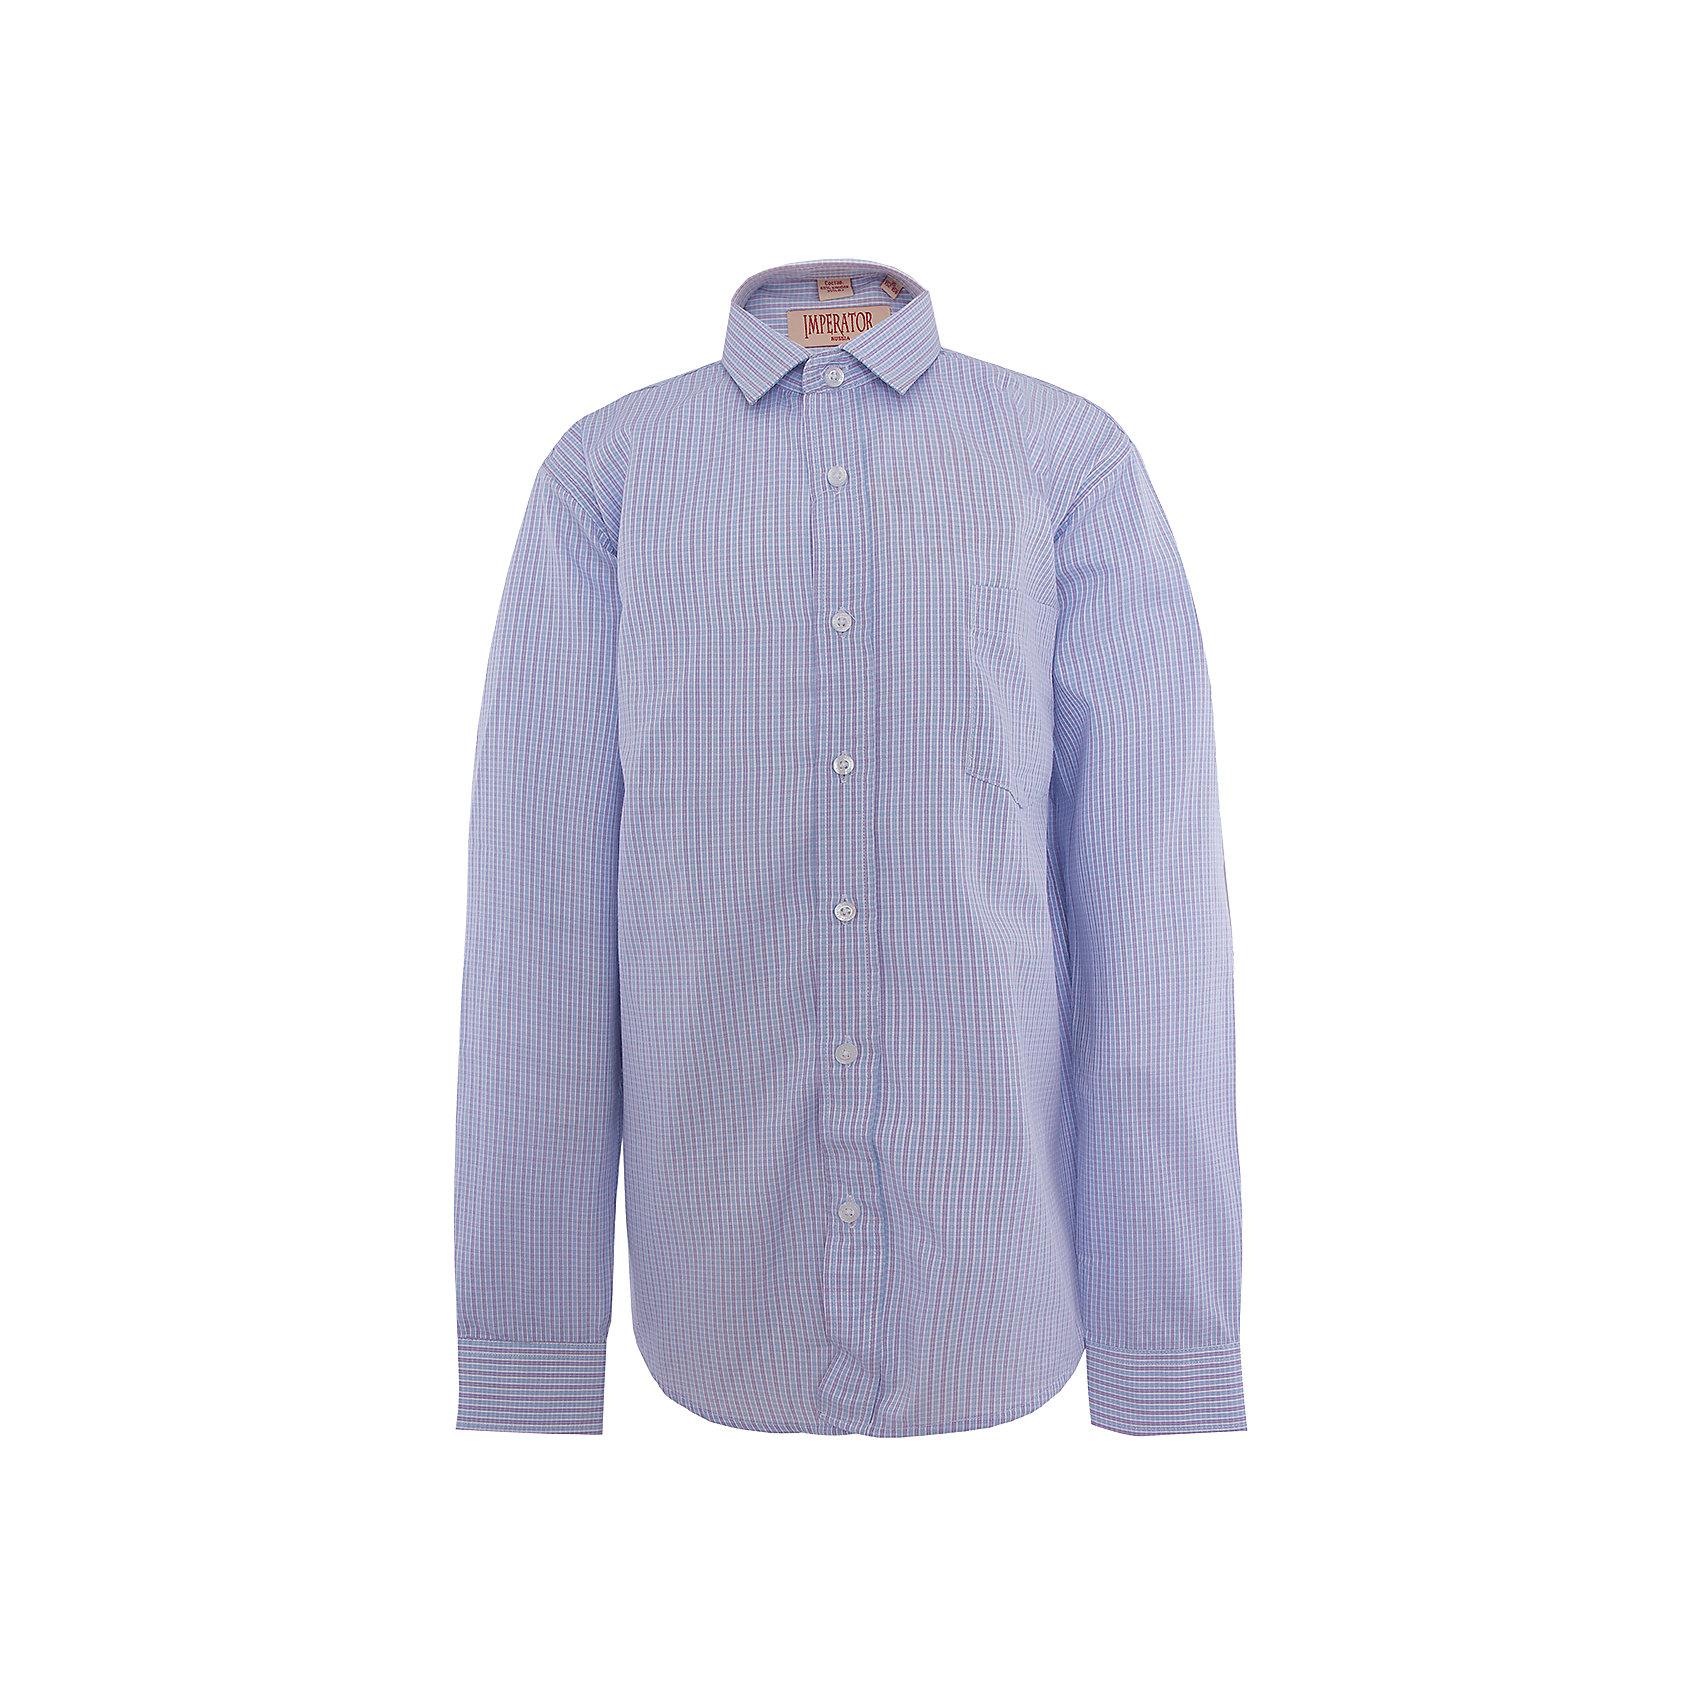 Рубашка для мальчика ImperatorБлузки и рубашки<br>Характеристики товара:<br><br>• цвет: голубой<br>• состав ткани: 65% хлопок, 35% полиэстер<br>• особенности: школьная, праздничная<br>• застежка: пуговицы<br>• рукава: длинные<br>• сезон: круглый год<br>• страна бренда: Российская Федерация<br>• страна изготовитель: Китай<br><br>Сорочка классического кроя для мальчика - отличный вариант практичной и стильной школьной одежды.<br><br>Накладной карман, свободный покрой, дышащая ткань с преобладанием хлопка - красиво и удобно.<br><br>Рубашку для мальчика Imperator (Император) можно купить в нашем интернет-магазине.<br><br>Ширина мм: 174<br>Глубина мм: 10<br>Высота мм: 169<br>Вес г: 157<br>Цвет: лиловый<br>Возраст от месяцев: 96<br>Возраст до месяцев: 108<br>Пол: Мужской<br>Возраст: Детский<br>Размер: 128/134,164/170,134/140,146/152,152/158,158/164,122/128,140/146<br>SKU: 4295947